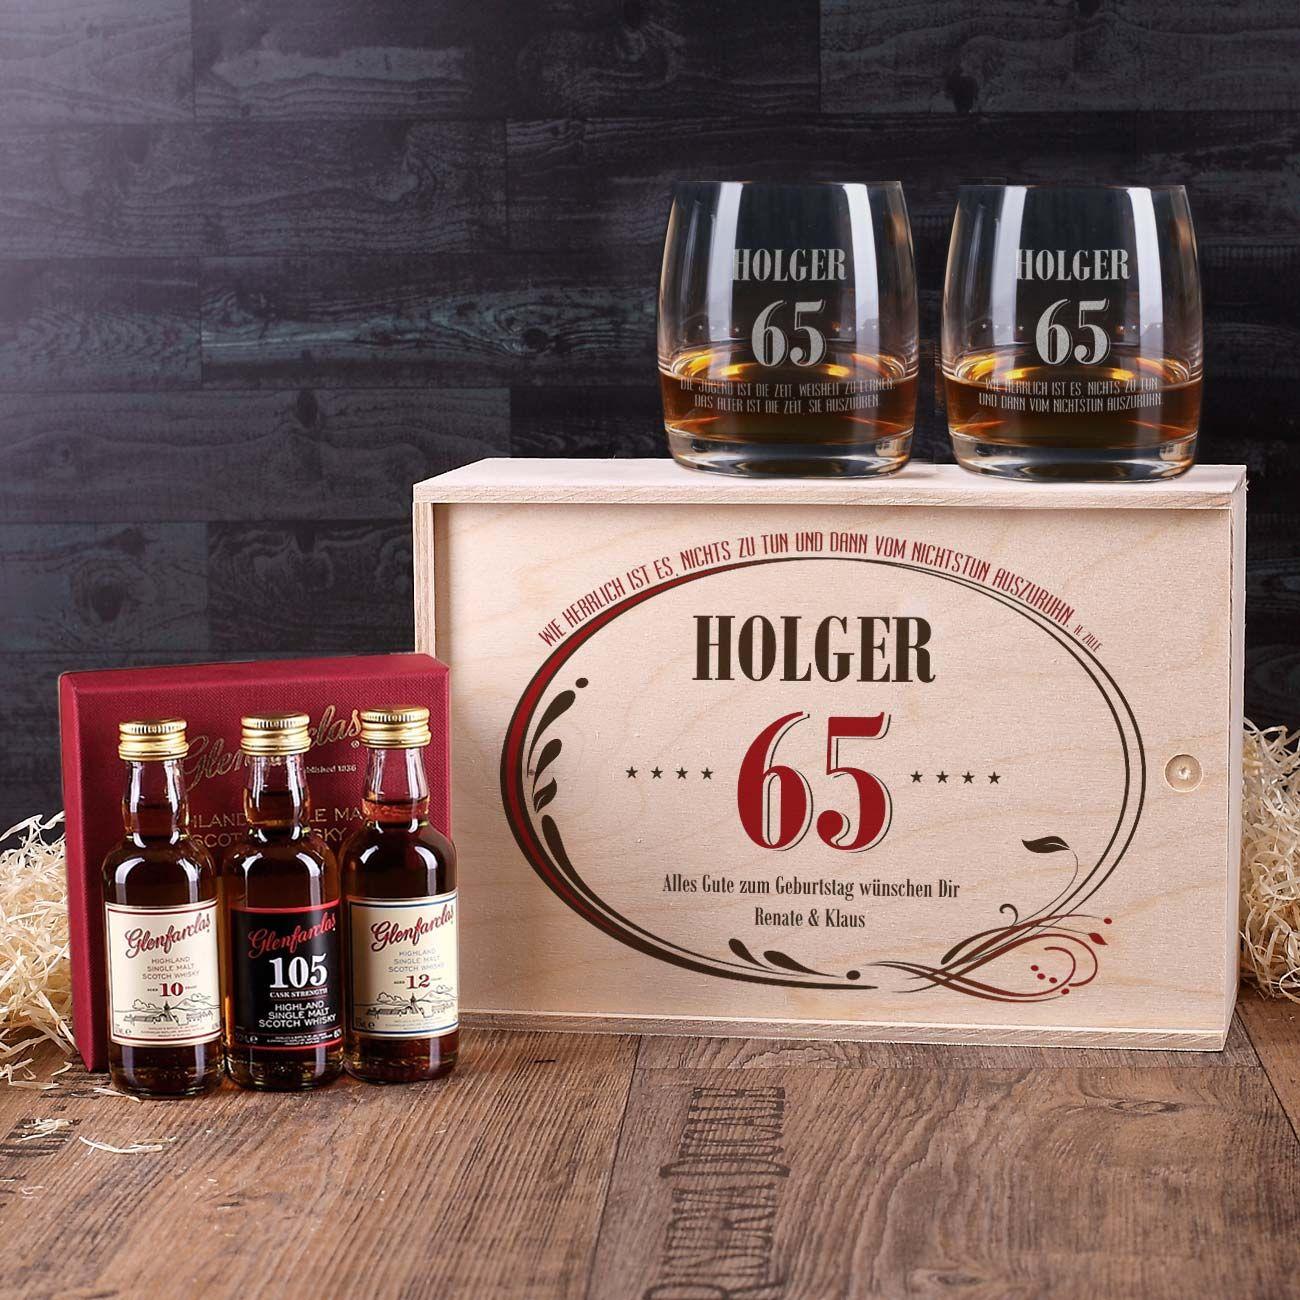 Whisky-Set Zum 65. Geburtstag In Personalisierter Holzbox verwandt mit Geschenke Zum 65 Geburtstag Für Männer